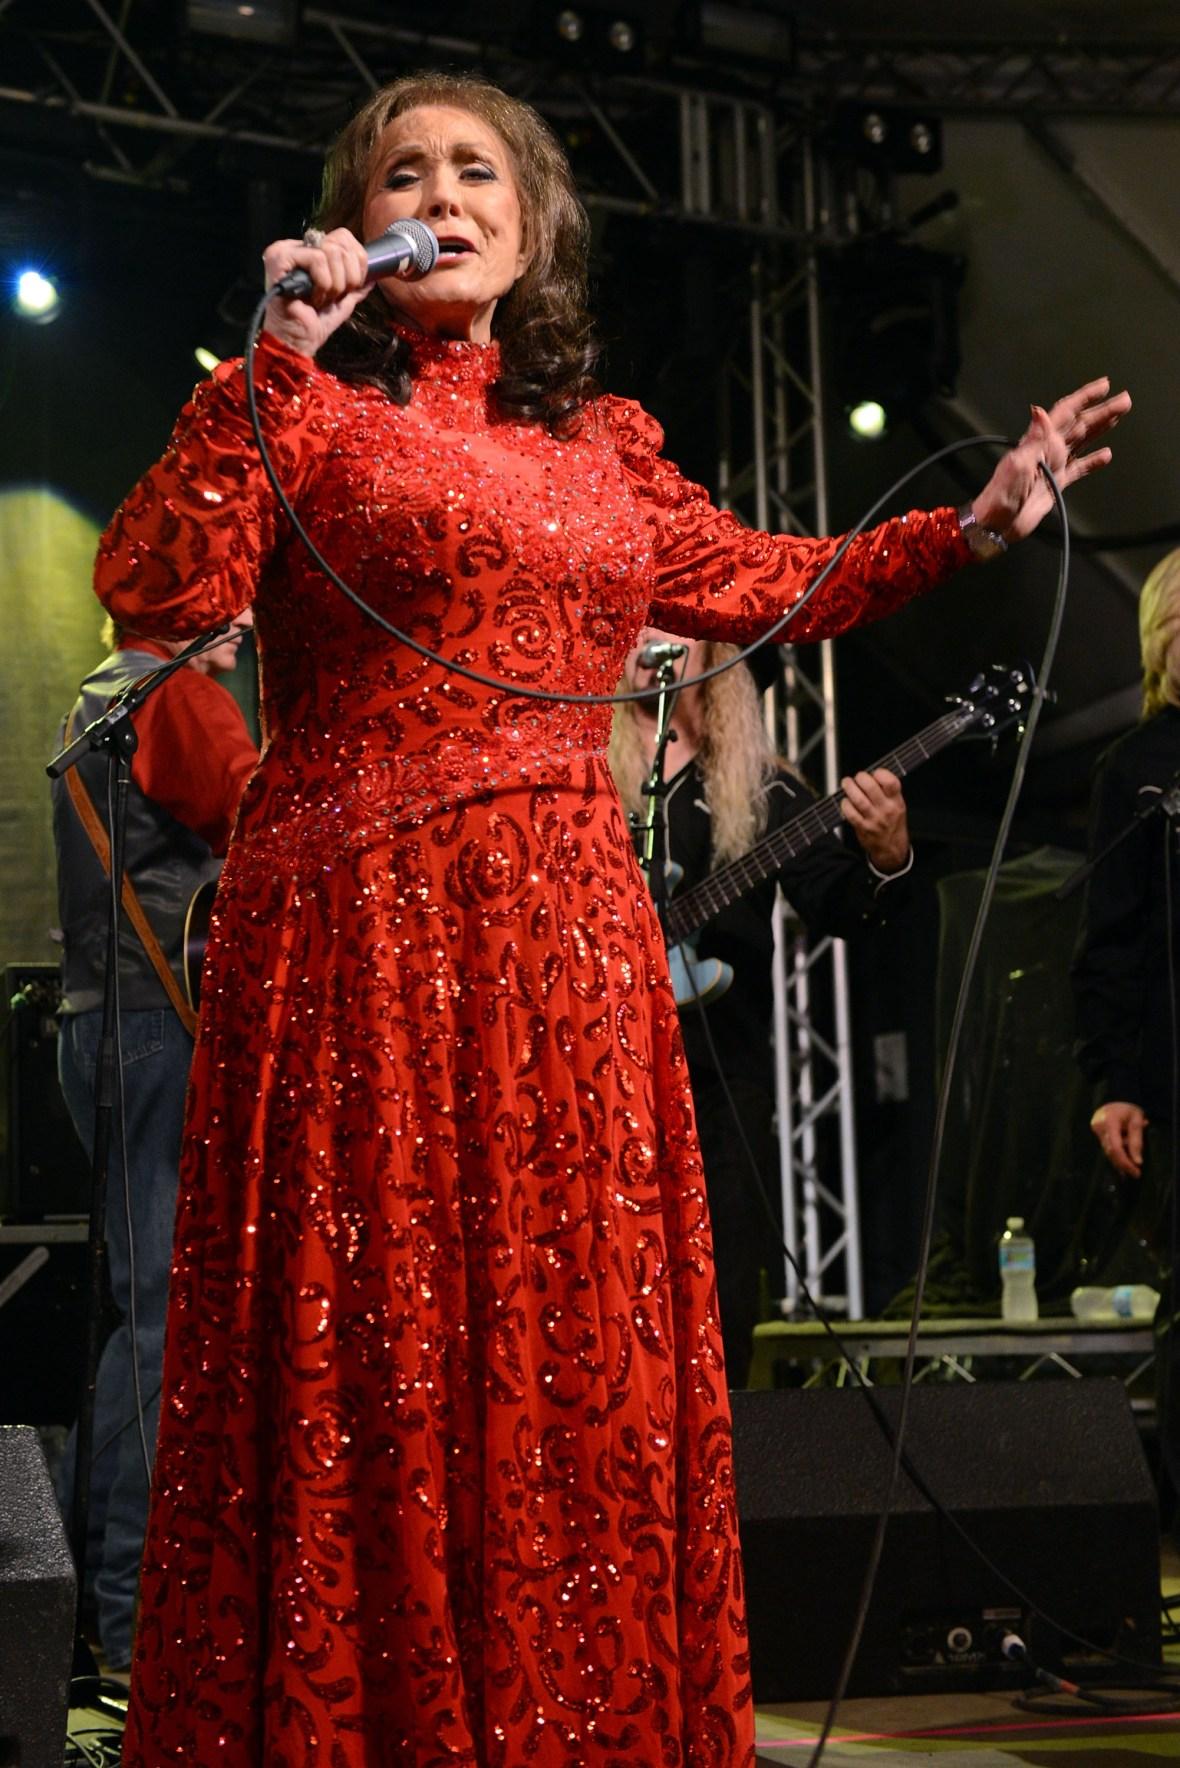 loretta lynn singing getty images